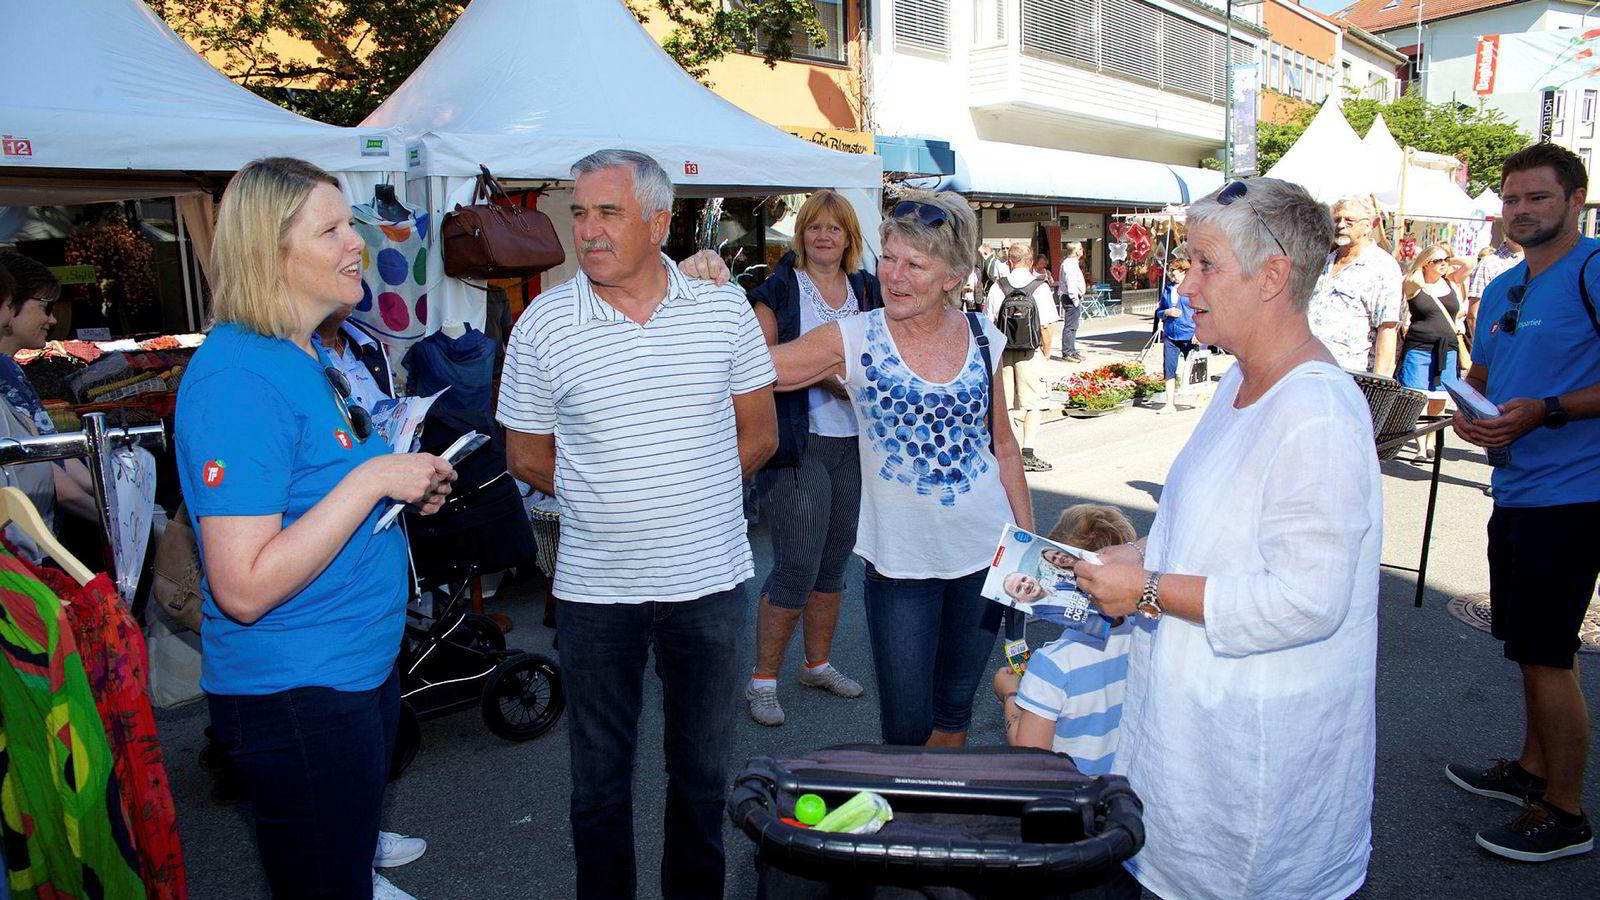 Innvandrings- og integreringsminister Sylvi Listhaug (Frp) (fra venstre) var denne uken i Molde for å drive valgkamp. Der traff hun blant annet Øyvind Nerland, Bente Nerland og Brit Lindahlen.